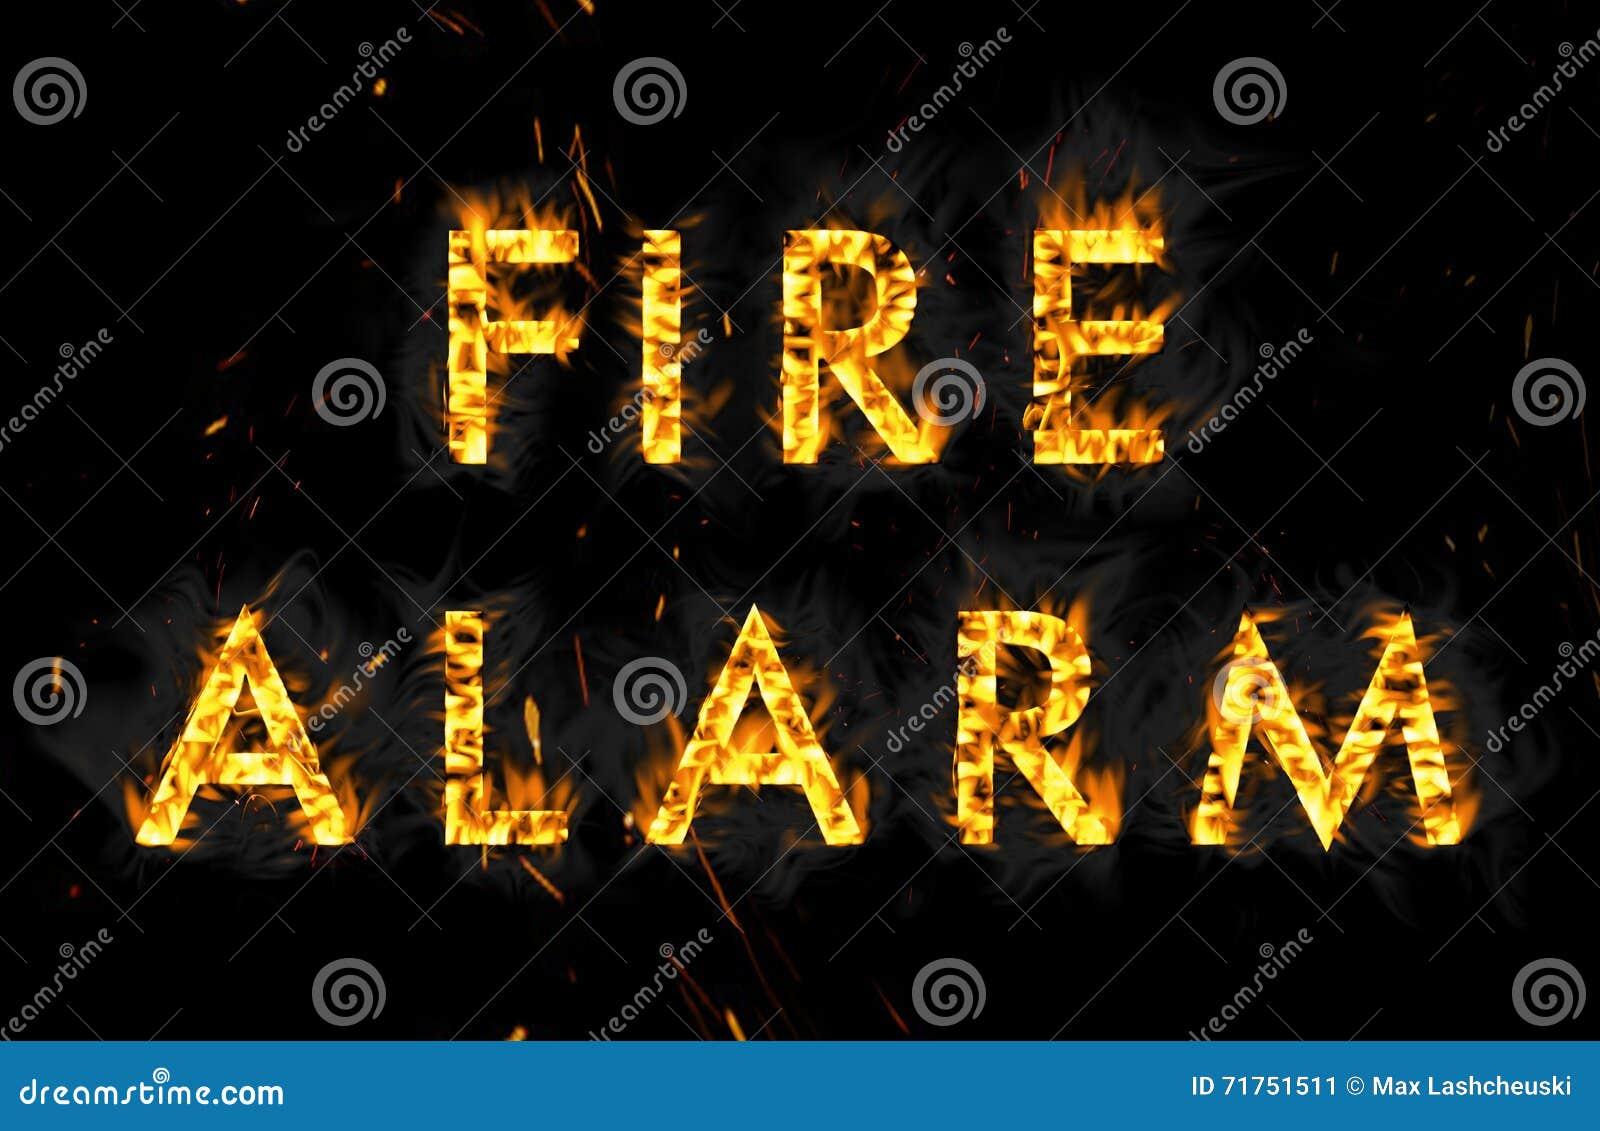 απομονωμένος καπνός μονοπατιών πυρκαγιάς ανιχνευτών ψαλιδίσματος συναγερμών εικόνα Η λέξη στις φλόγες στο μαύρο υπόβαθρο